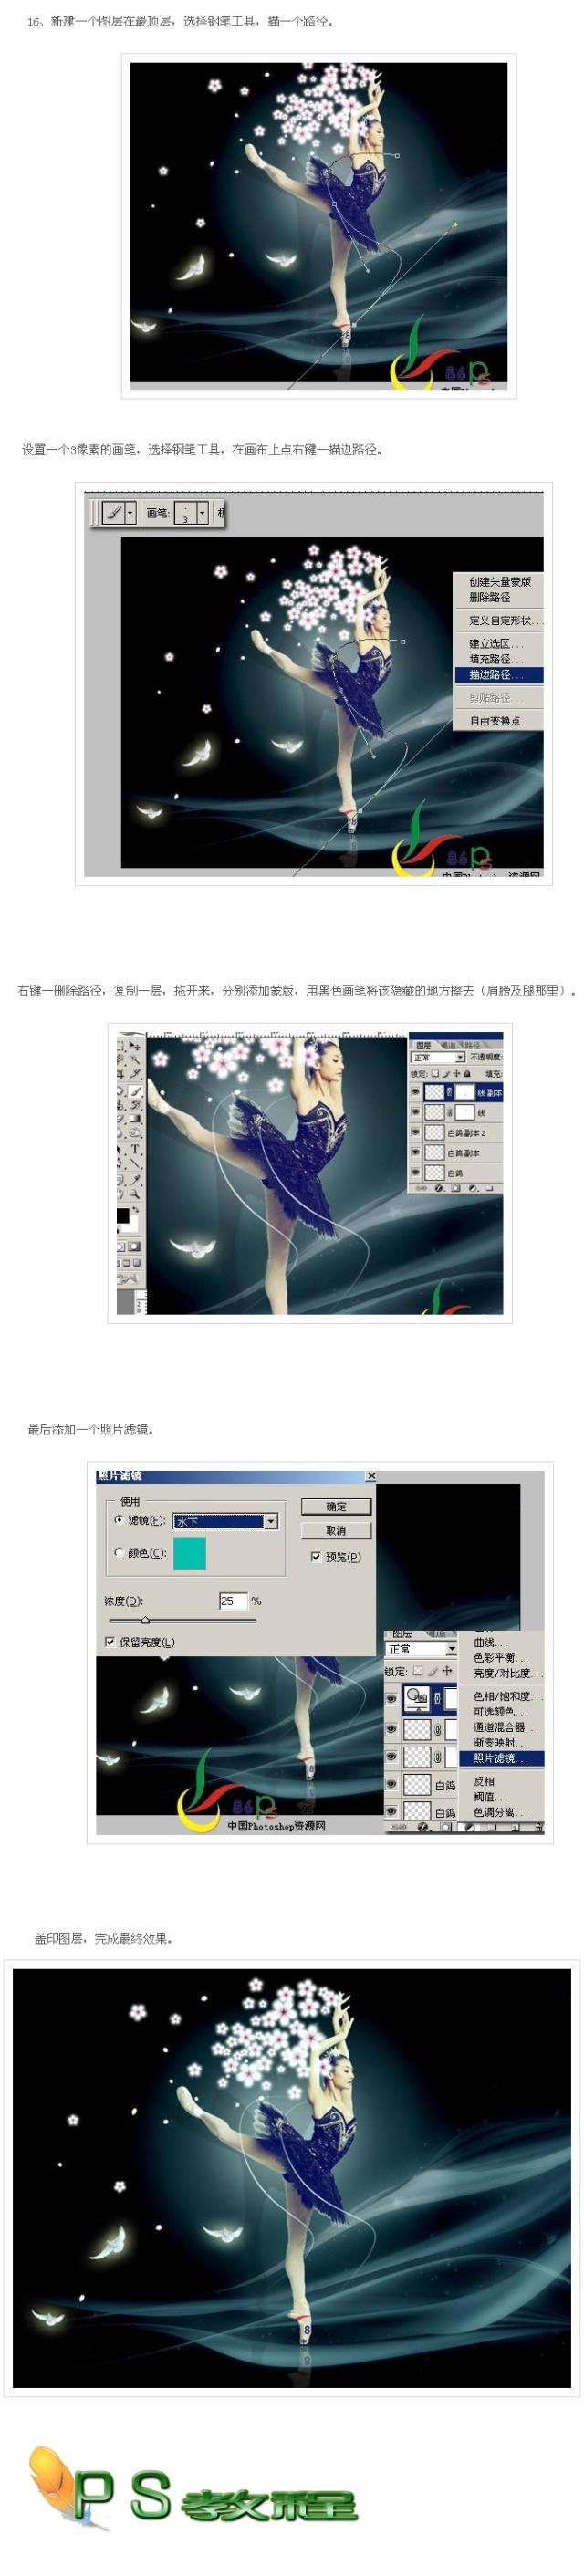 ps制作简单的人物场景合成图片示例 - 好运来房產袁维涛 - 建湖县好运来房产13092110009